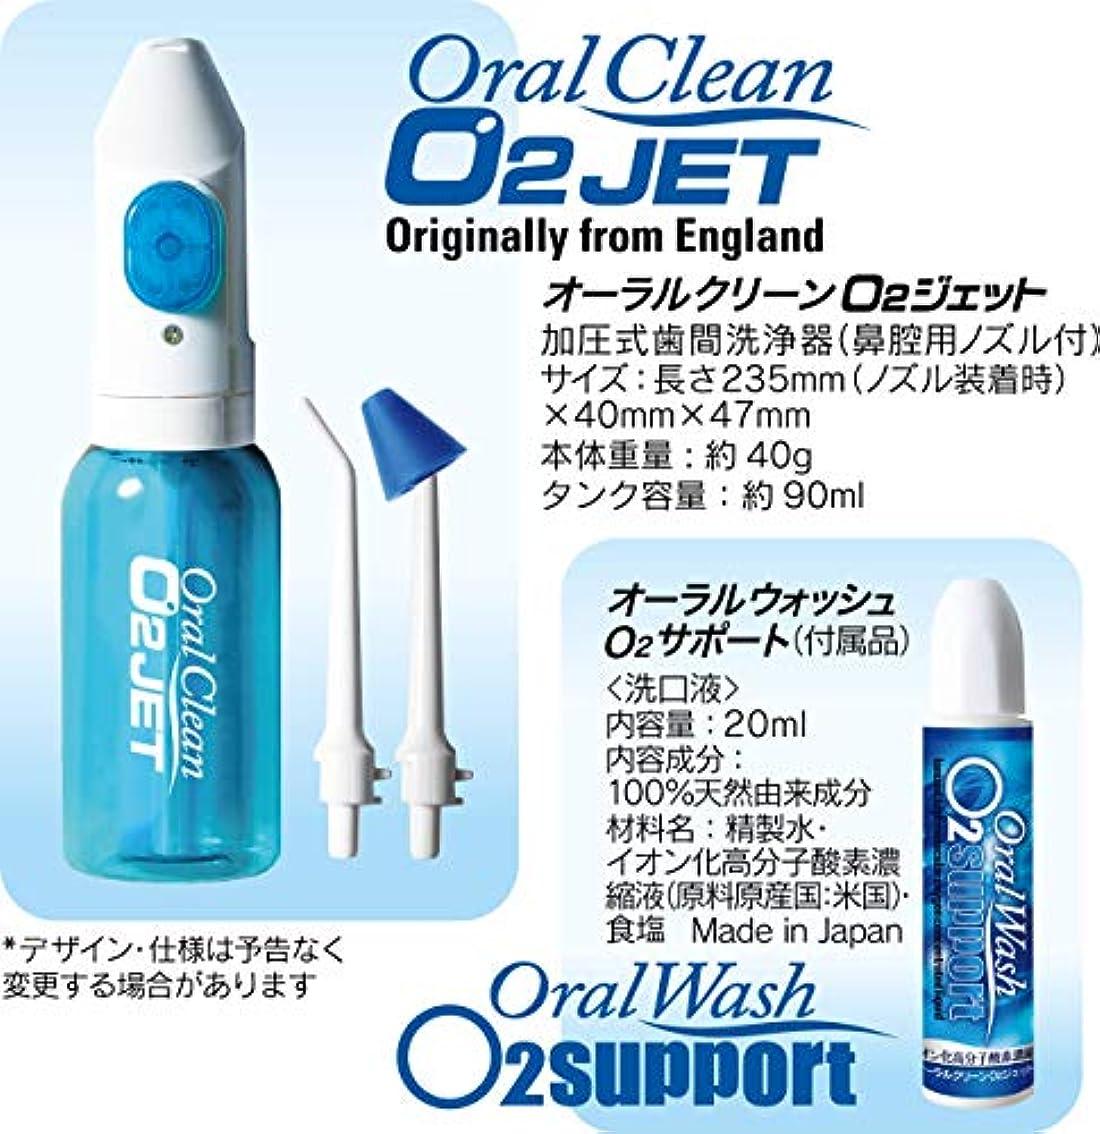 出しますキャンバス鍔花粉症にも!歯周病対策 オーラルクリーン O2JET(O2ジェット)口腔 加圧式歯間洗浄器